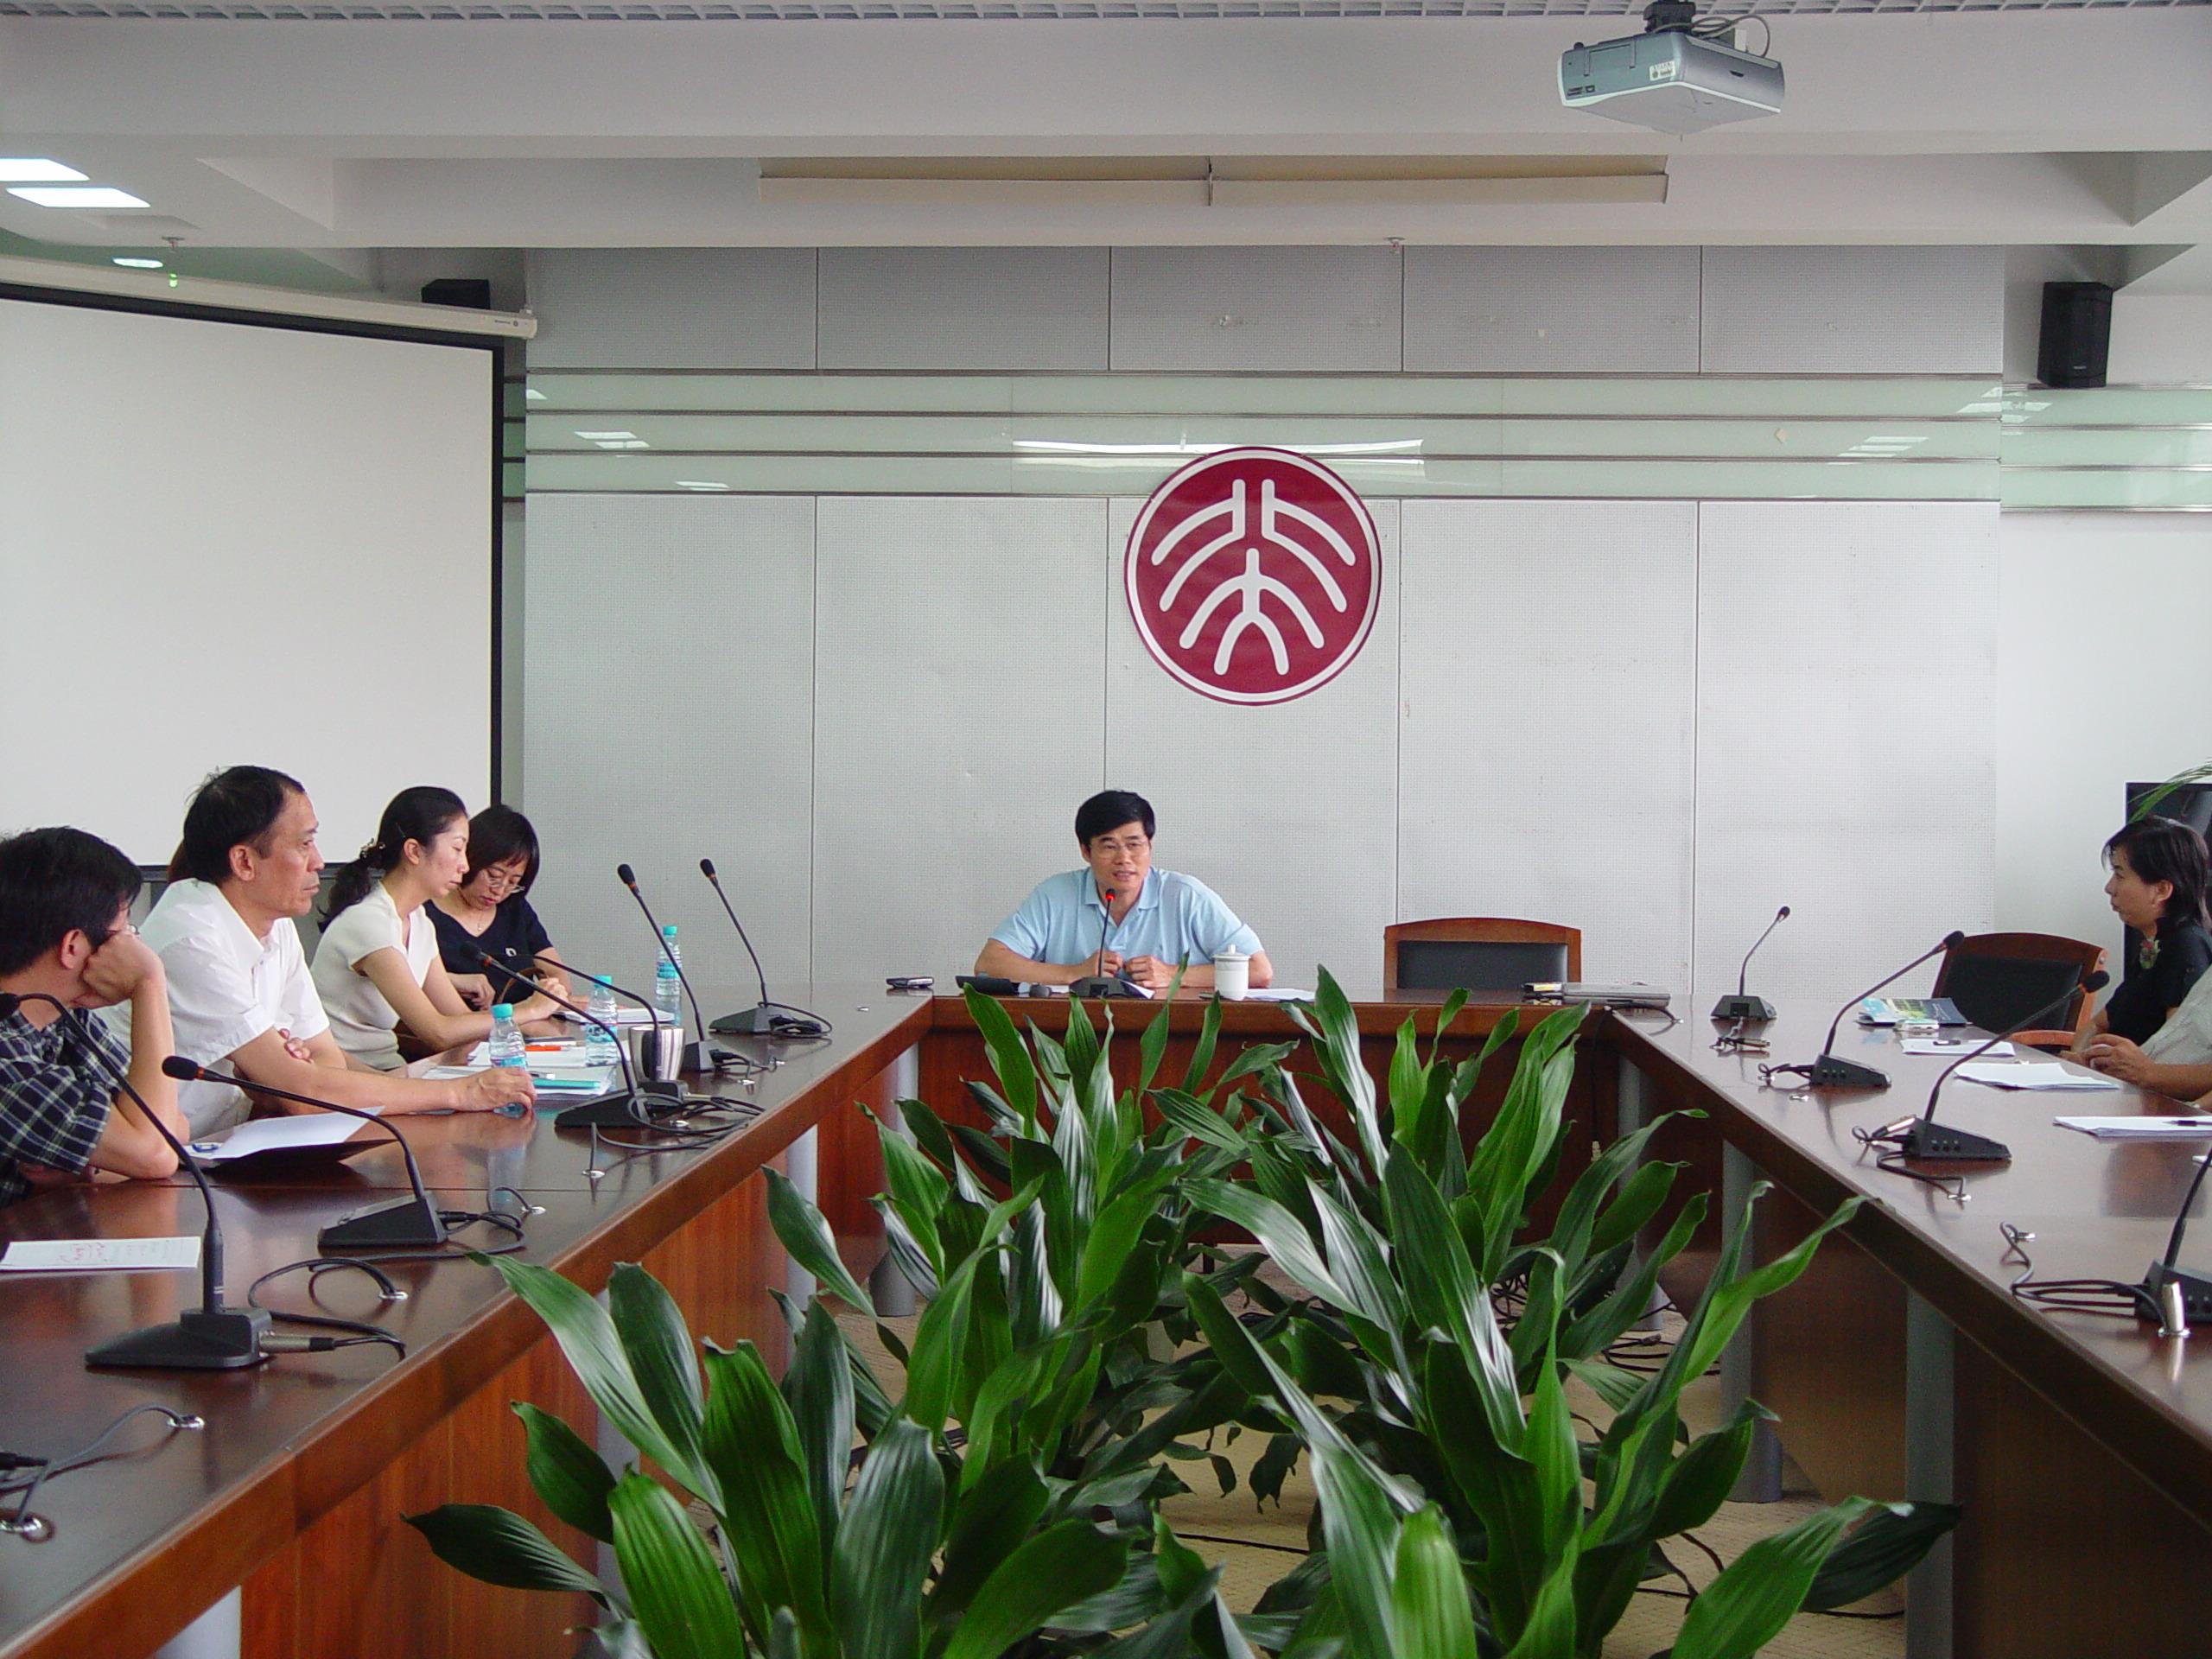 常务副校长陈文申与北大深圳研究生院新员工座谈